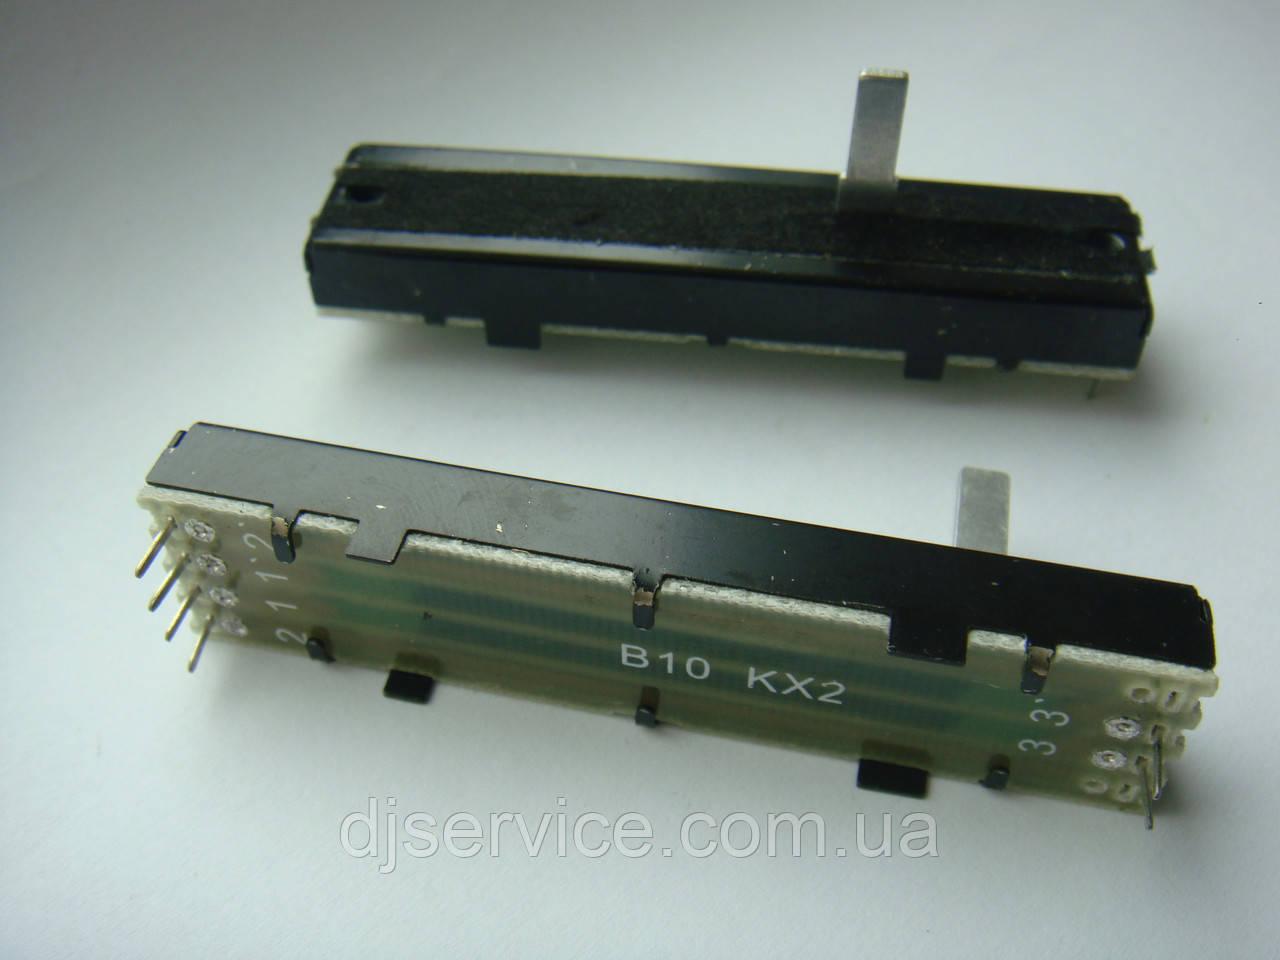 Фейдер для Traktor Сontrol S1, S2  S4, crossfader Numark mixtrack